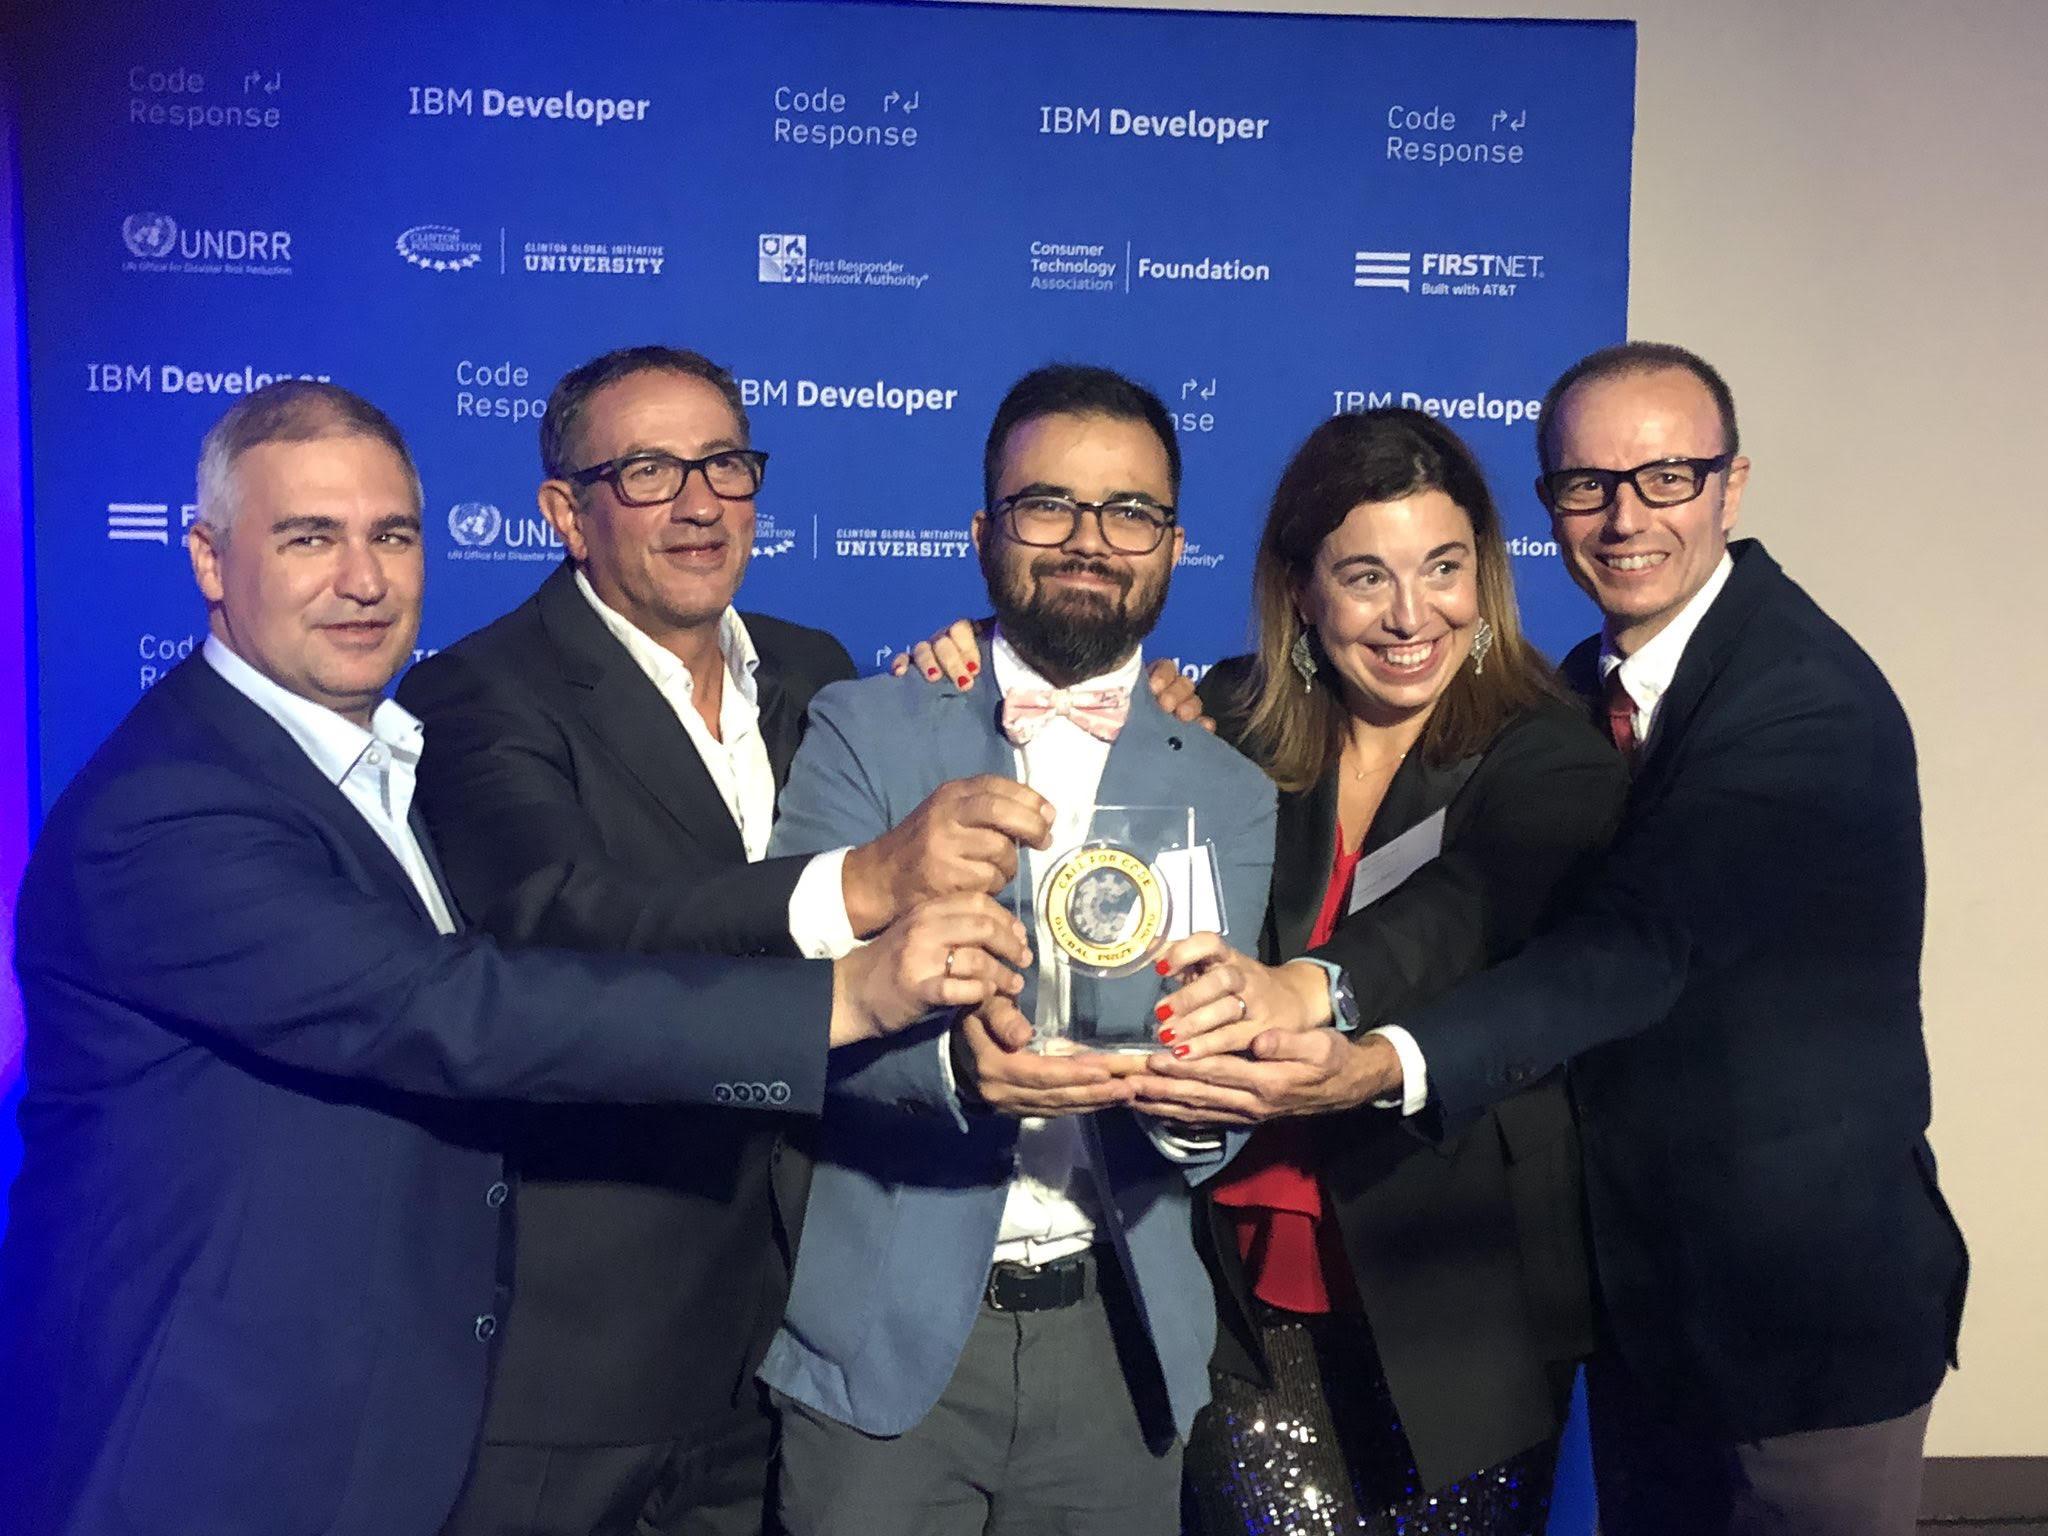 Un 'alumni' de la Universidad de Granada gana el premio de la ONU 'Call For Code'